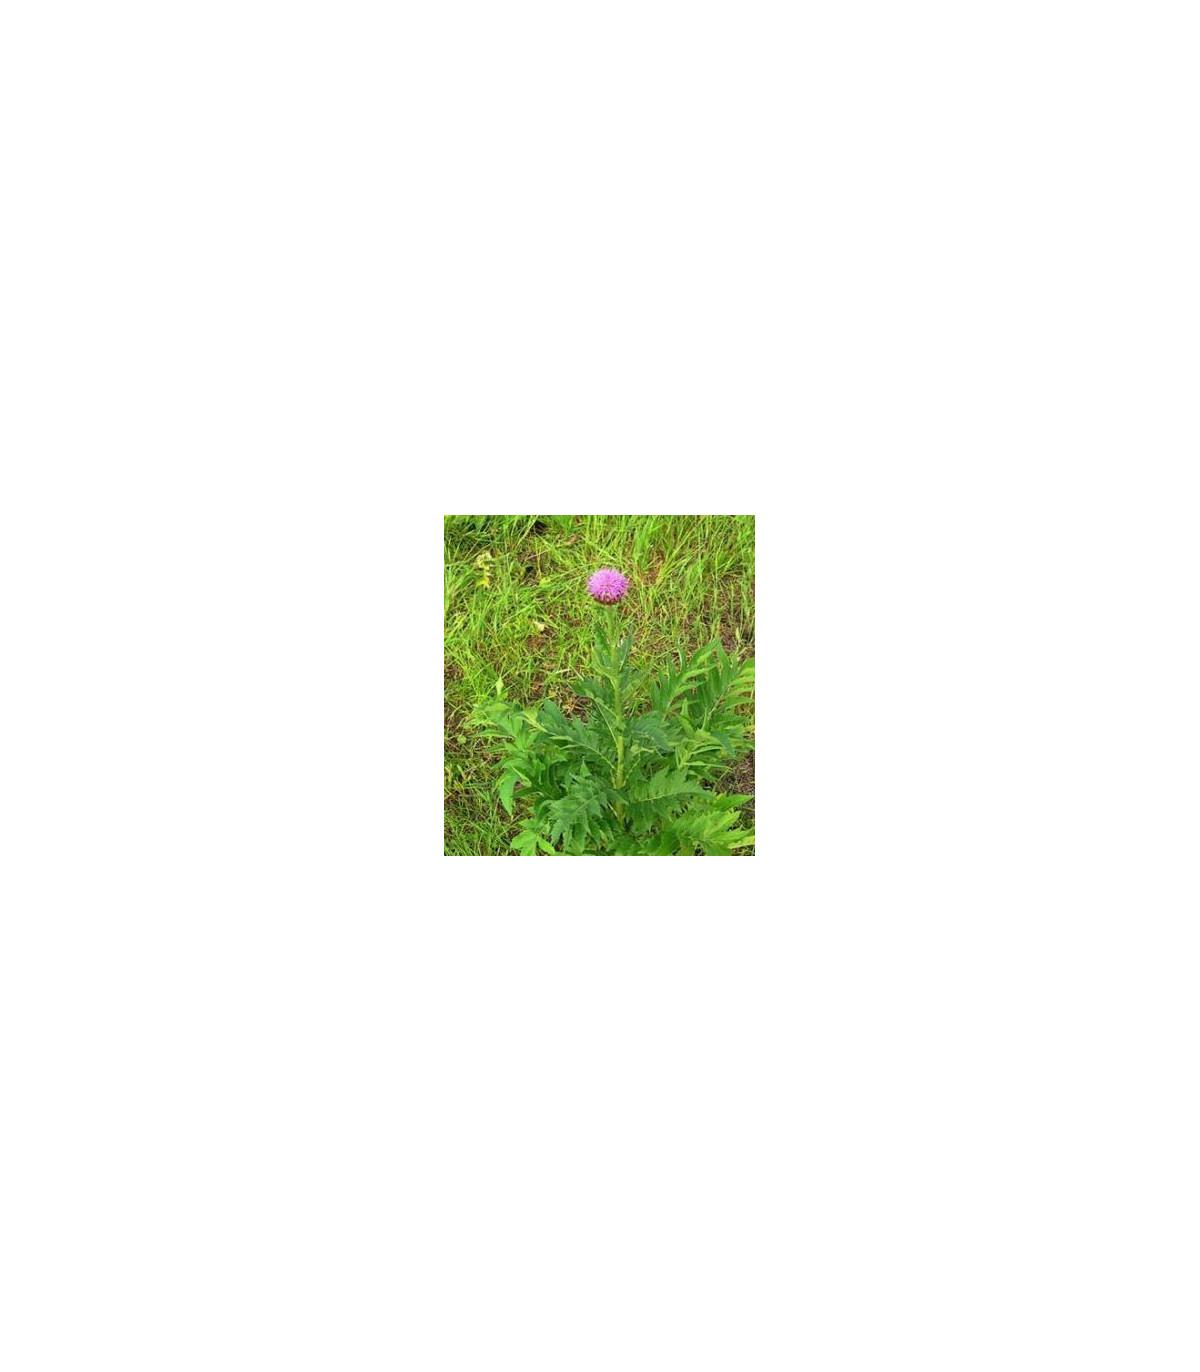 Maralí kořen- Leuzea carthamoides- semena Leuzei- 60 ks